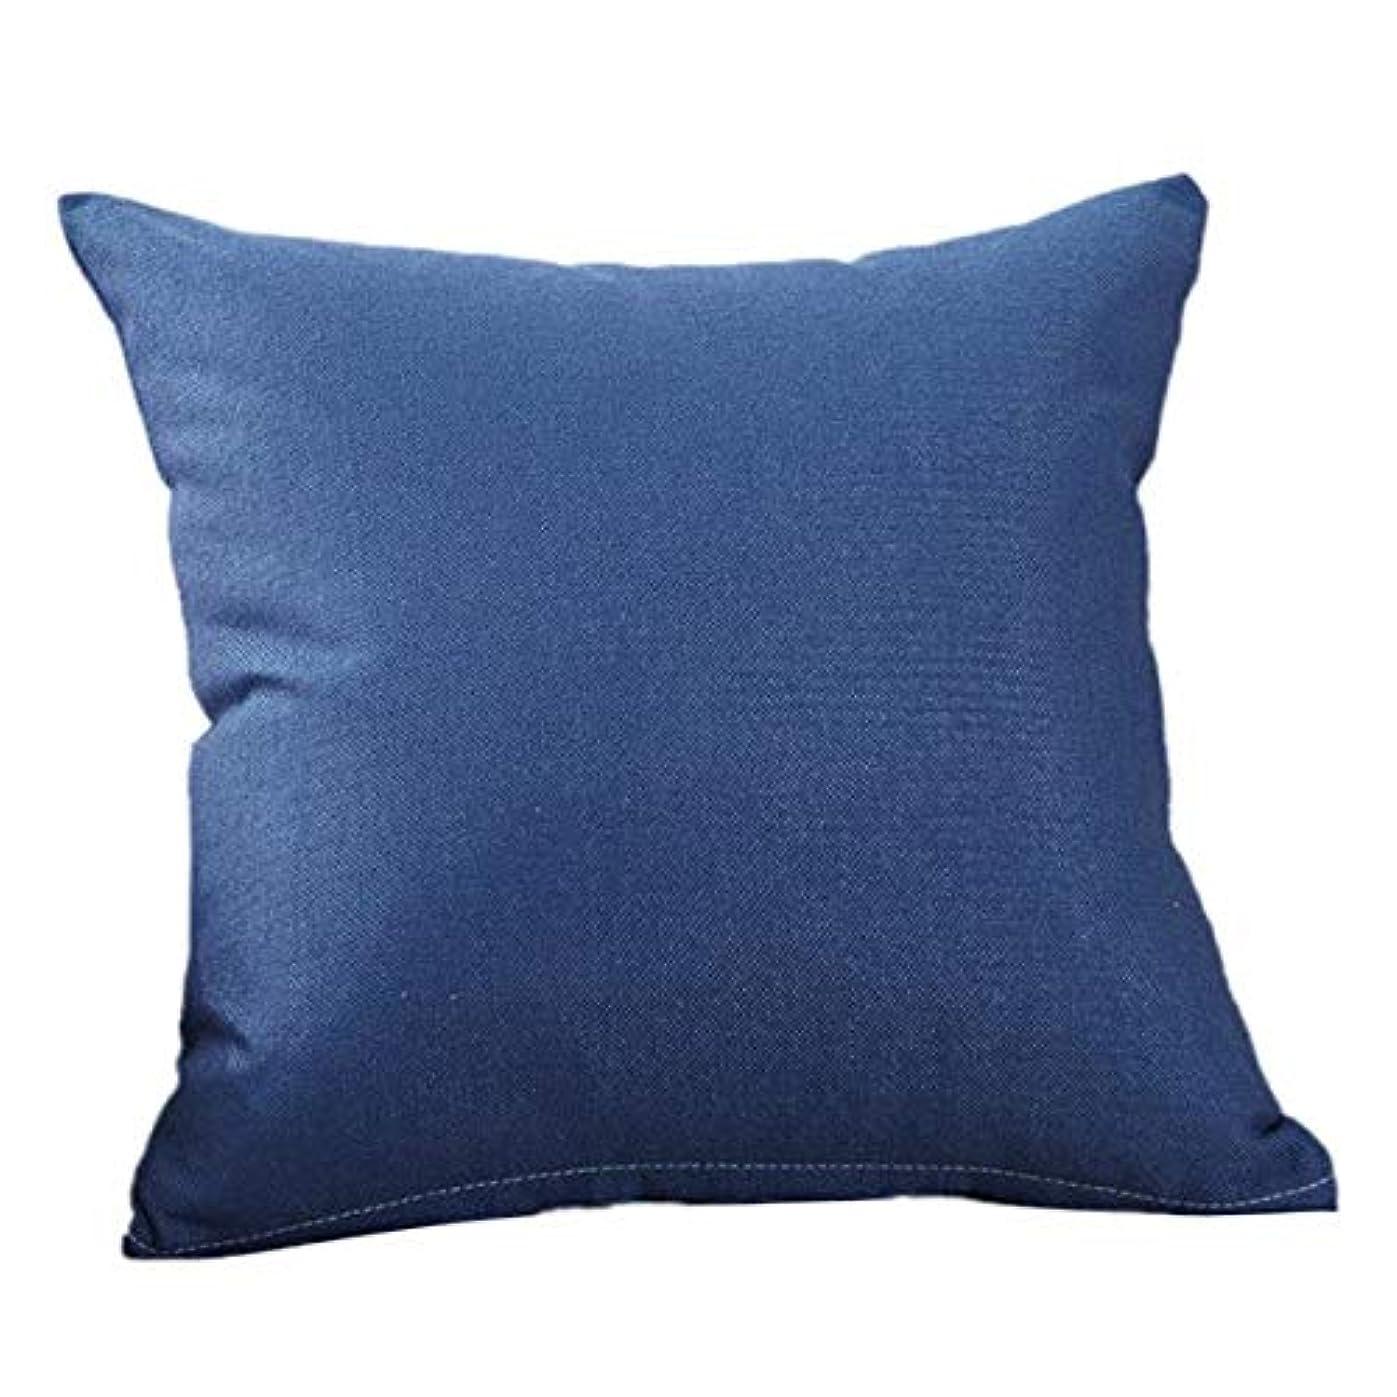 バイソン首立場LIFE クリエイティブシンプルなファッションスロー枕クッションカフェソファクッションのホームインテリア z0403# G20 クッション 椅子